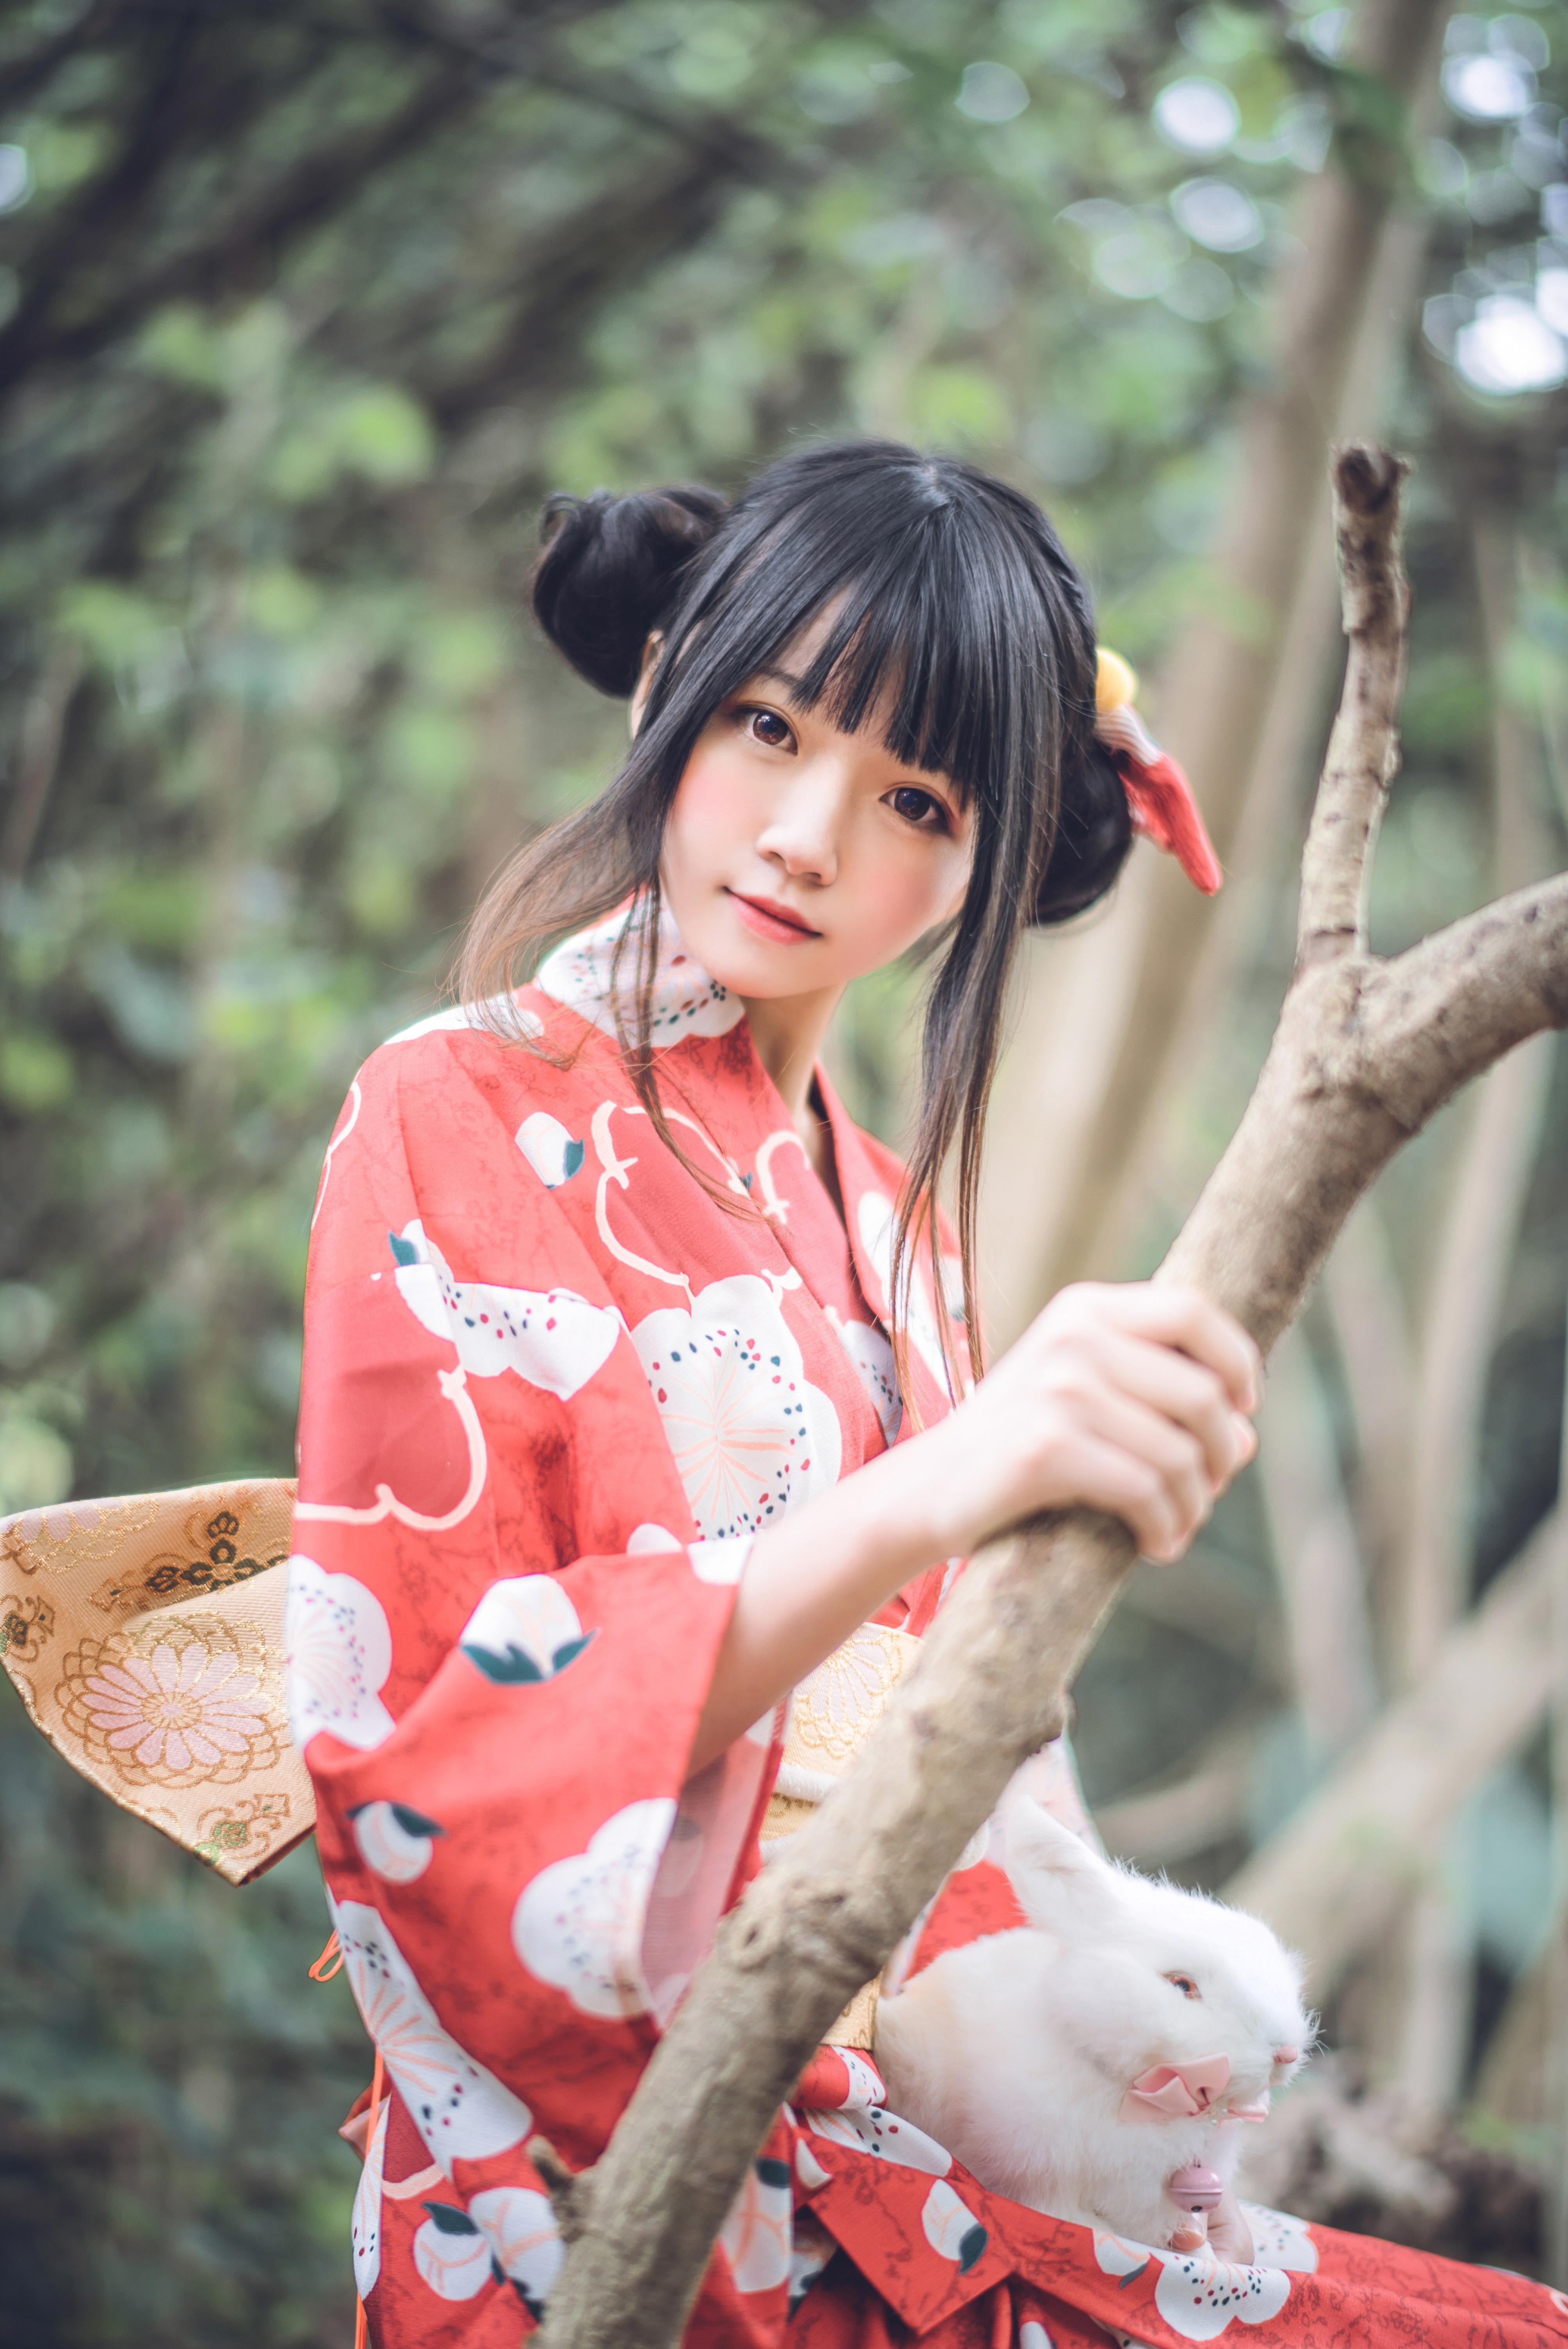 桜桃喵 - 夏日祭(和服的样子是不是美翻了呢?很不错哦!)